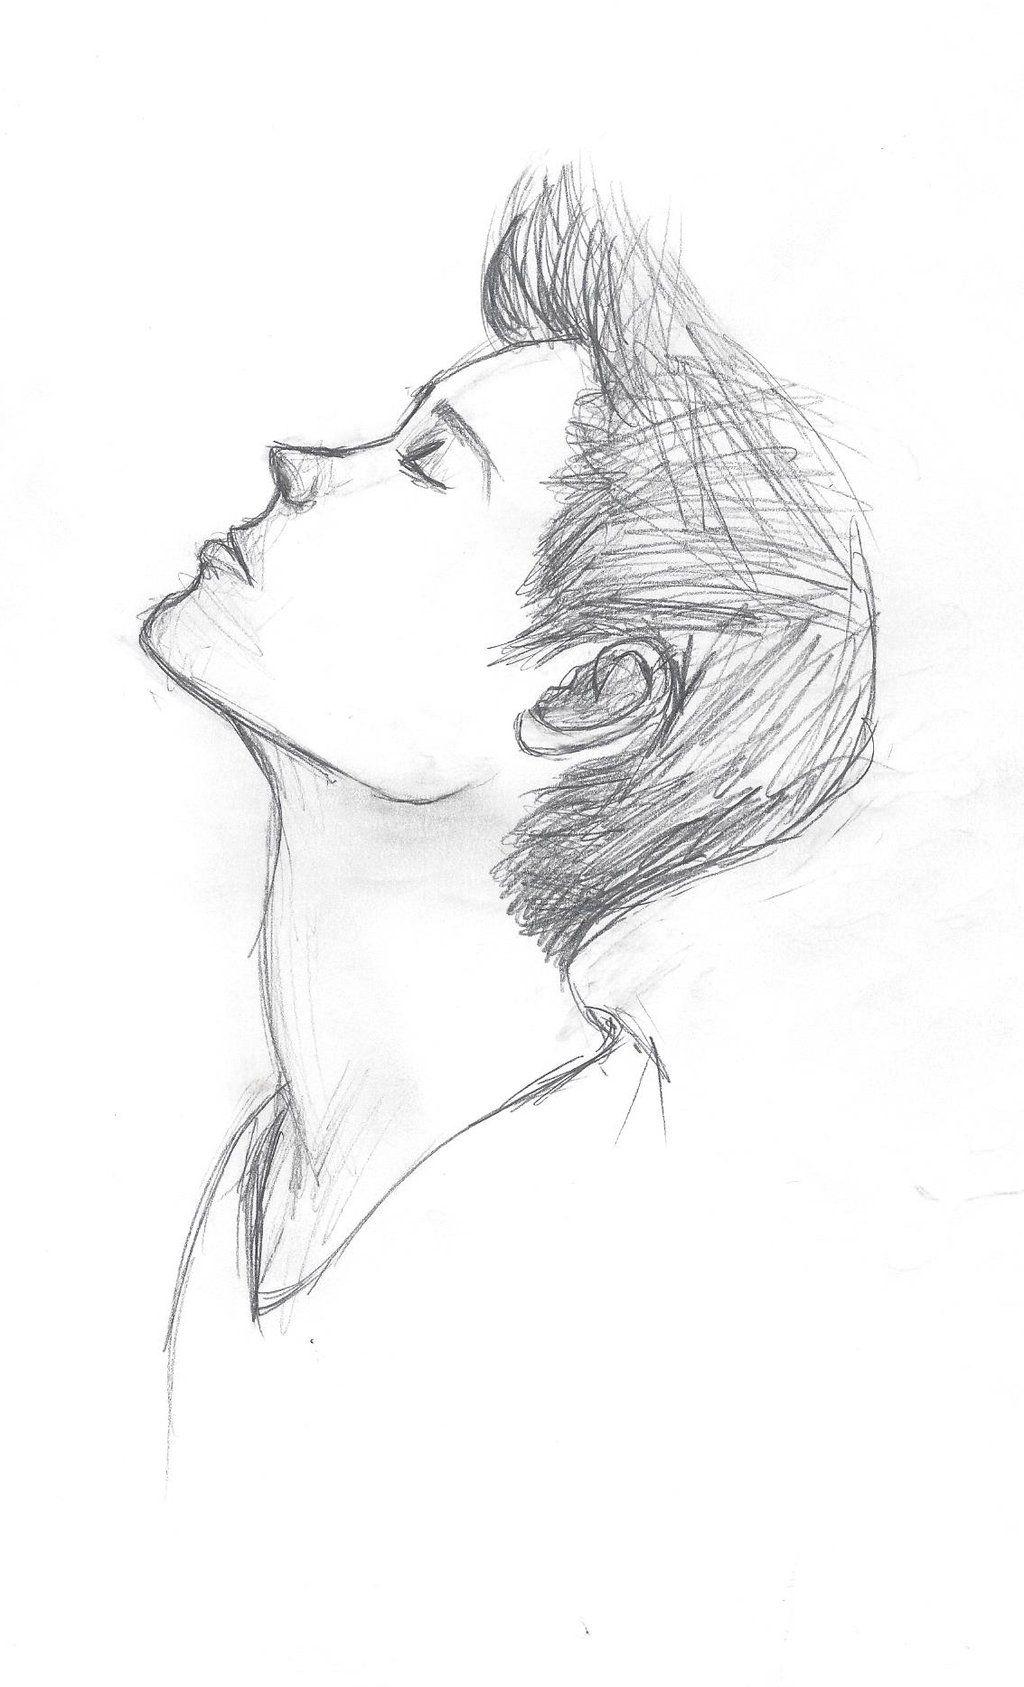 Pin By Tori Elayne On C R E A T E M O R E A R T Pencil Drawings